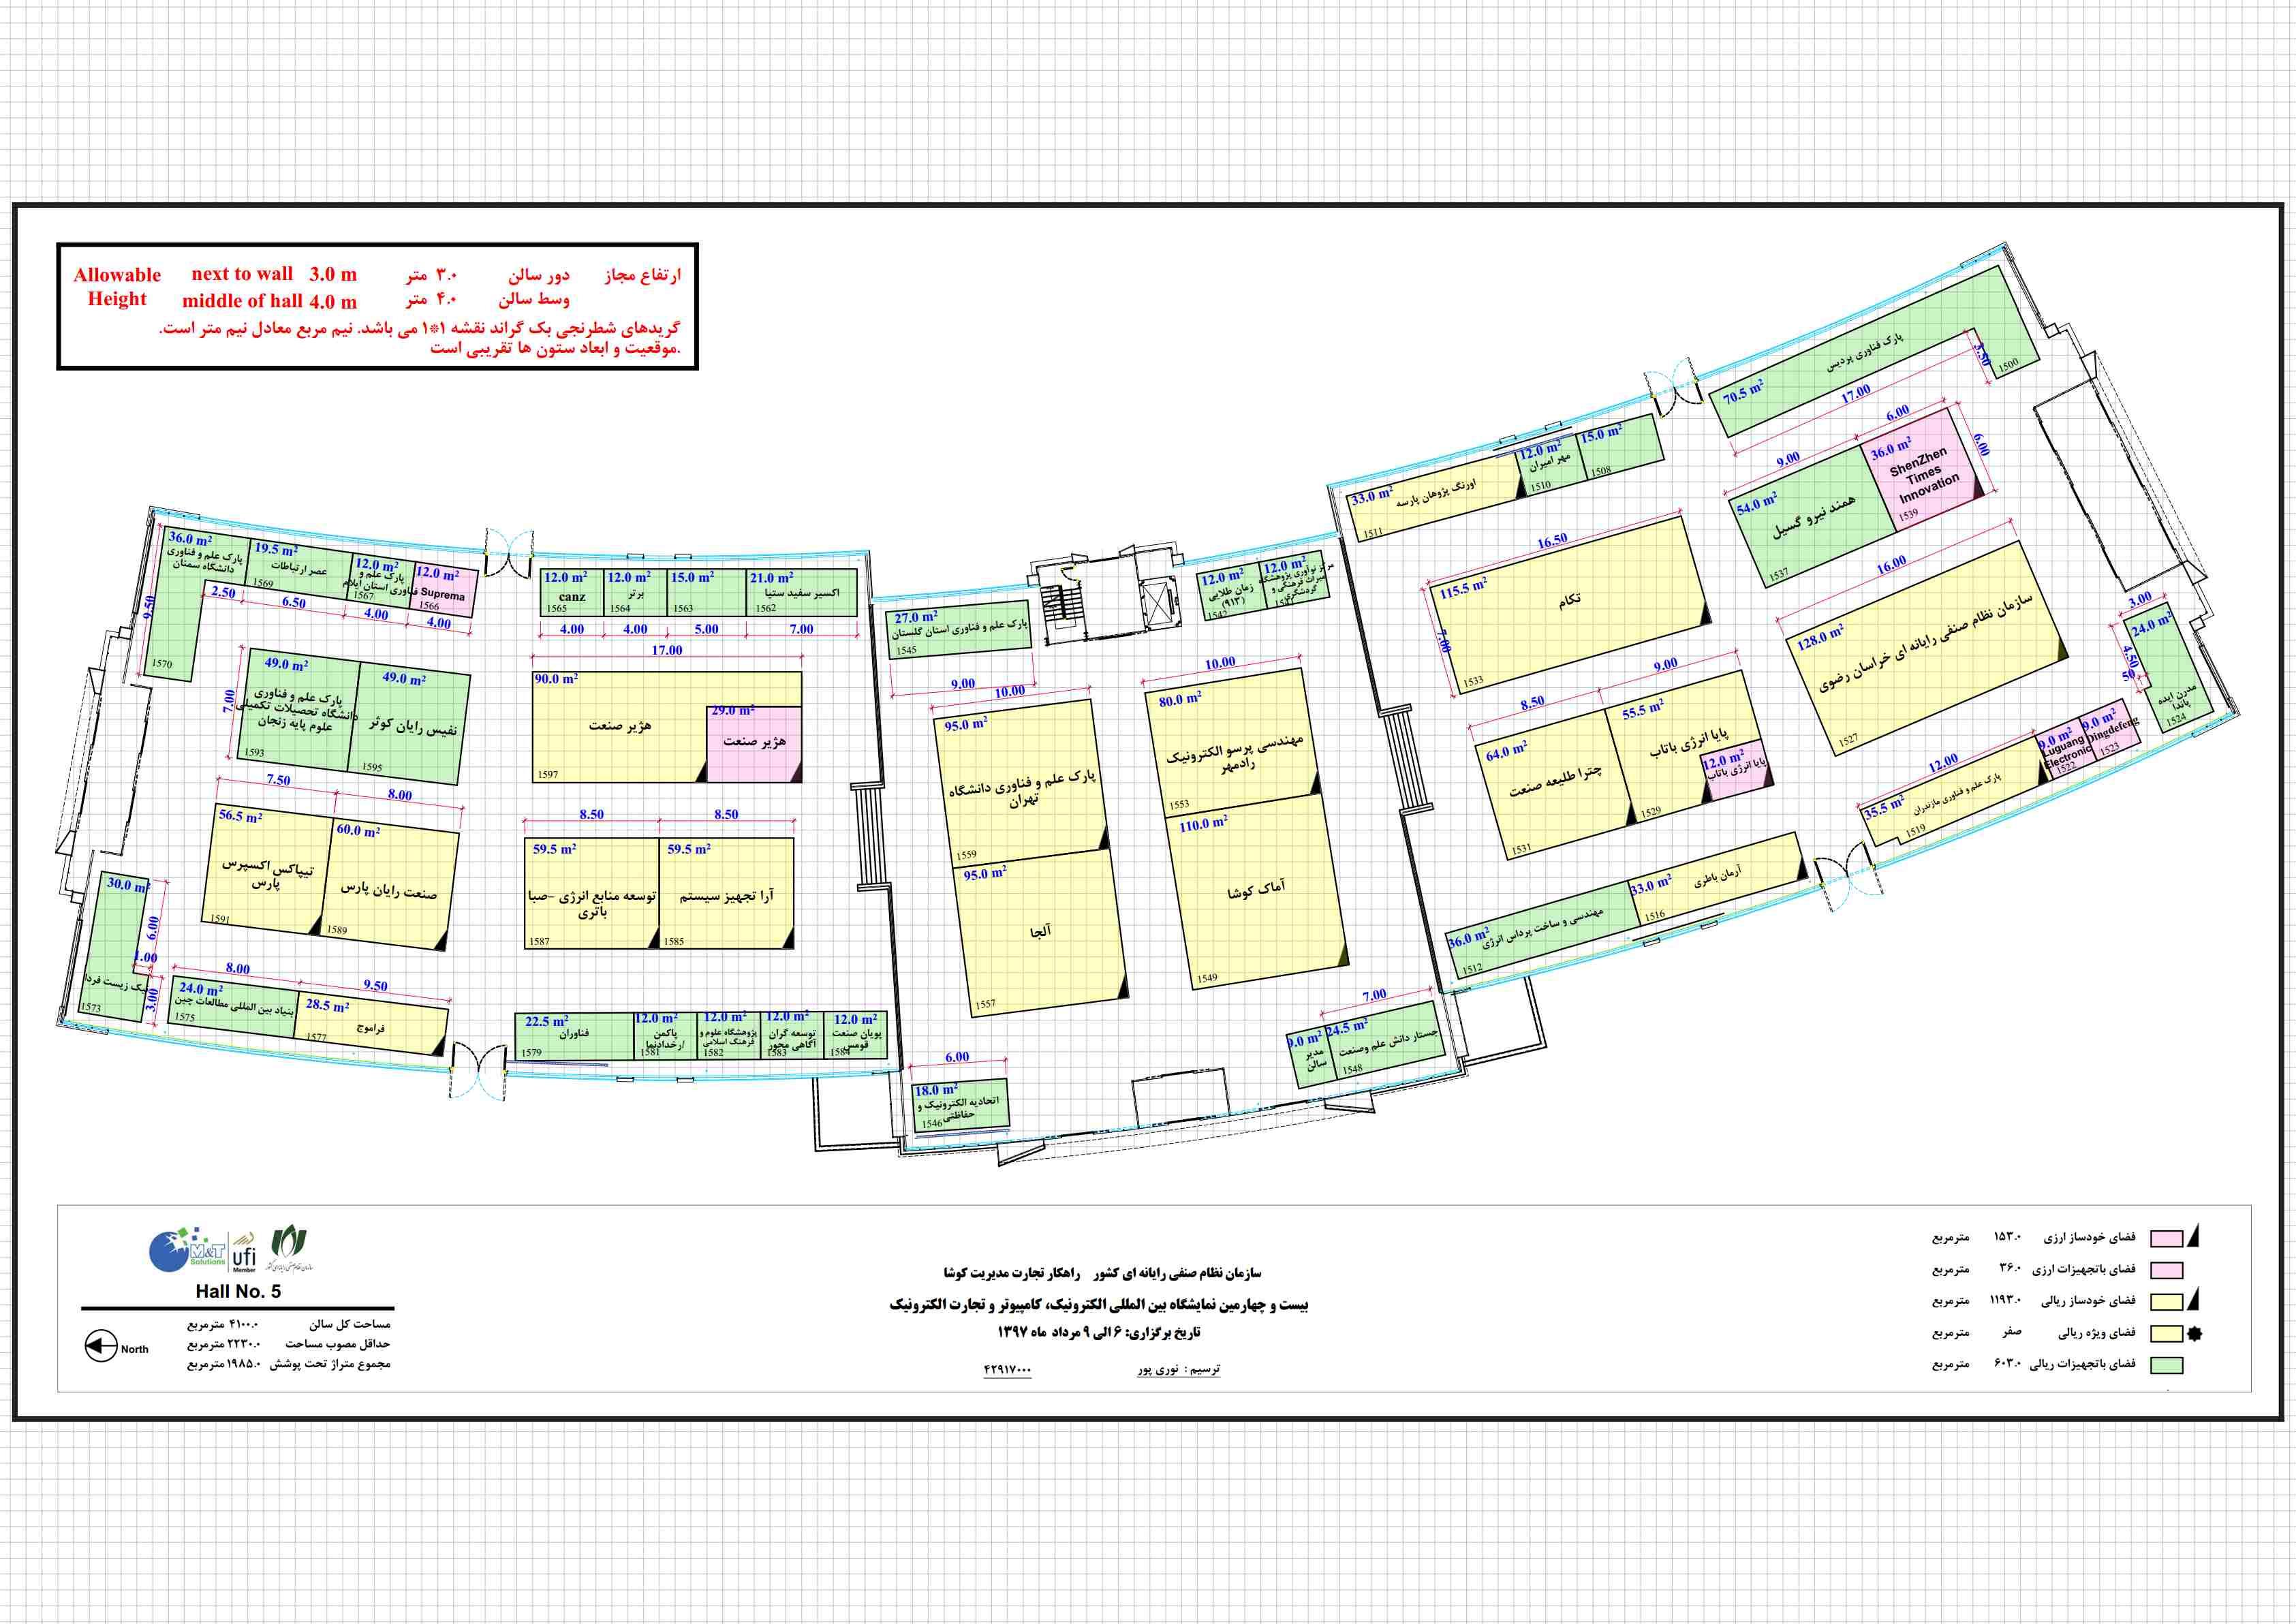 نقشه راهنمای نمایشگاه الکامپ تهران سالن 5